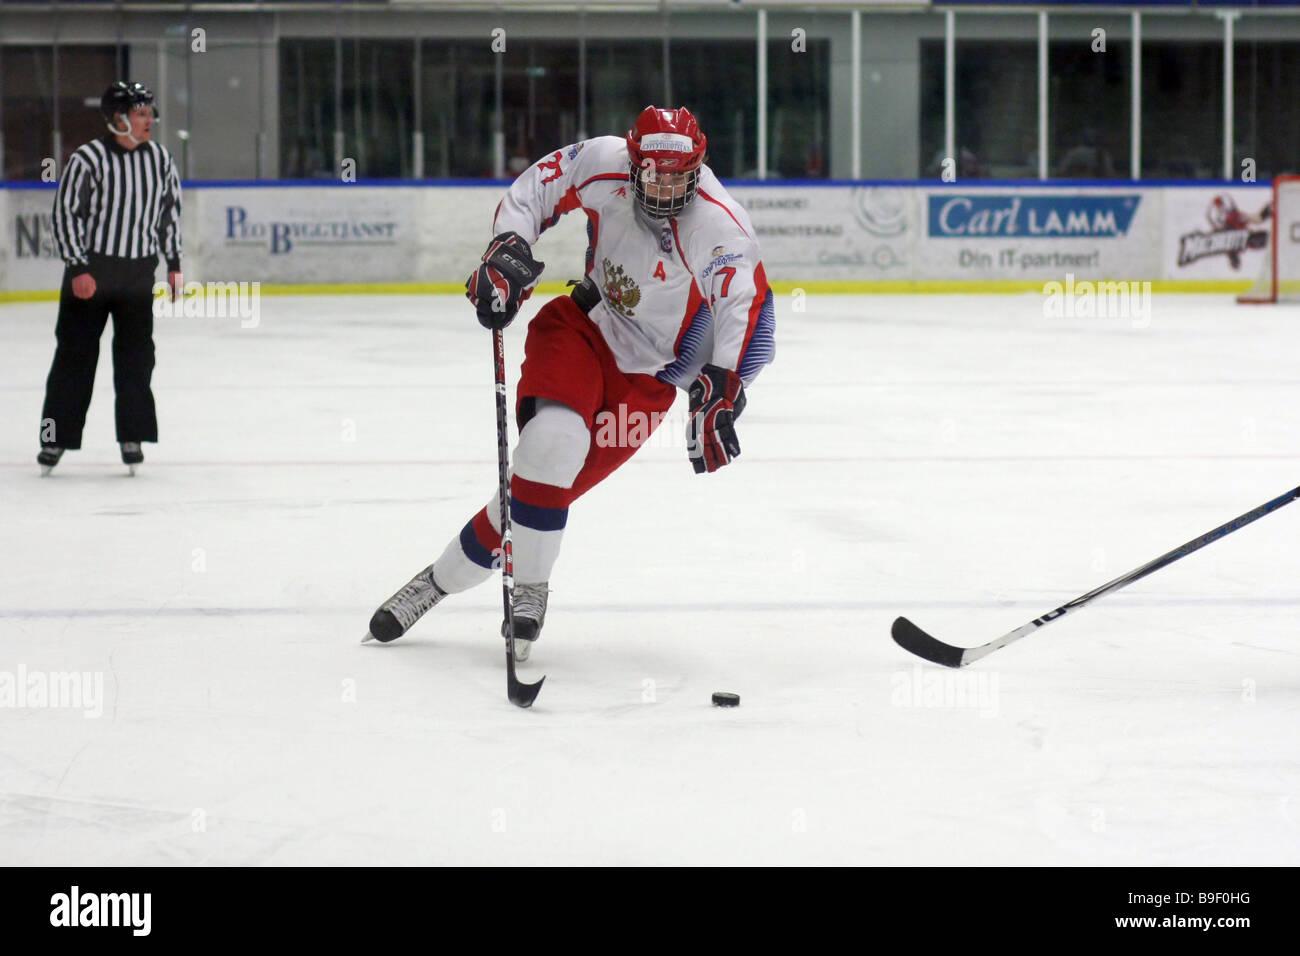 Federazione hockey su ghiaccio player No 27 Stanislav Solovyev Immagini Stock